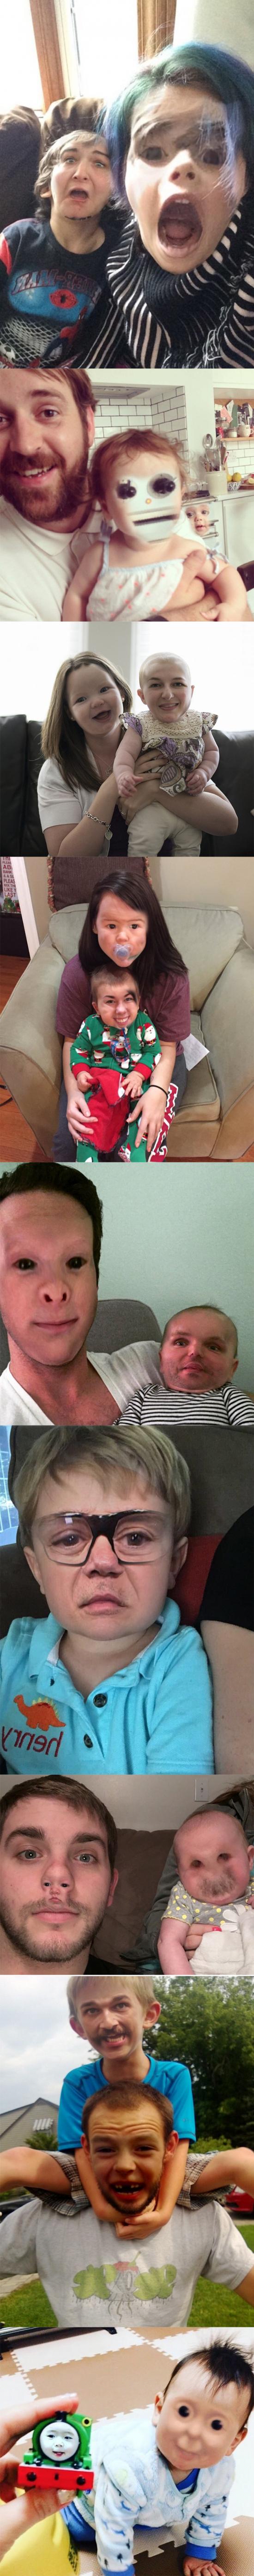 Meme_otros - Recopilación de face swaps con los que tendrás pesadillas esta noche tras verlos